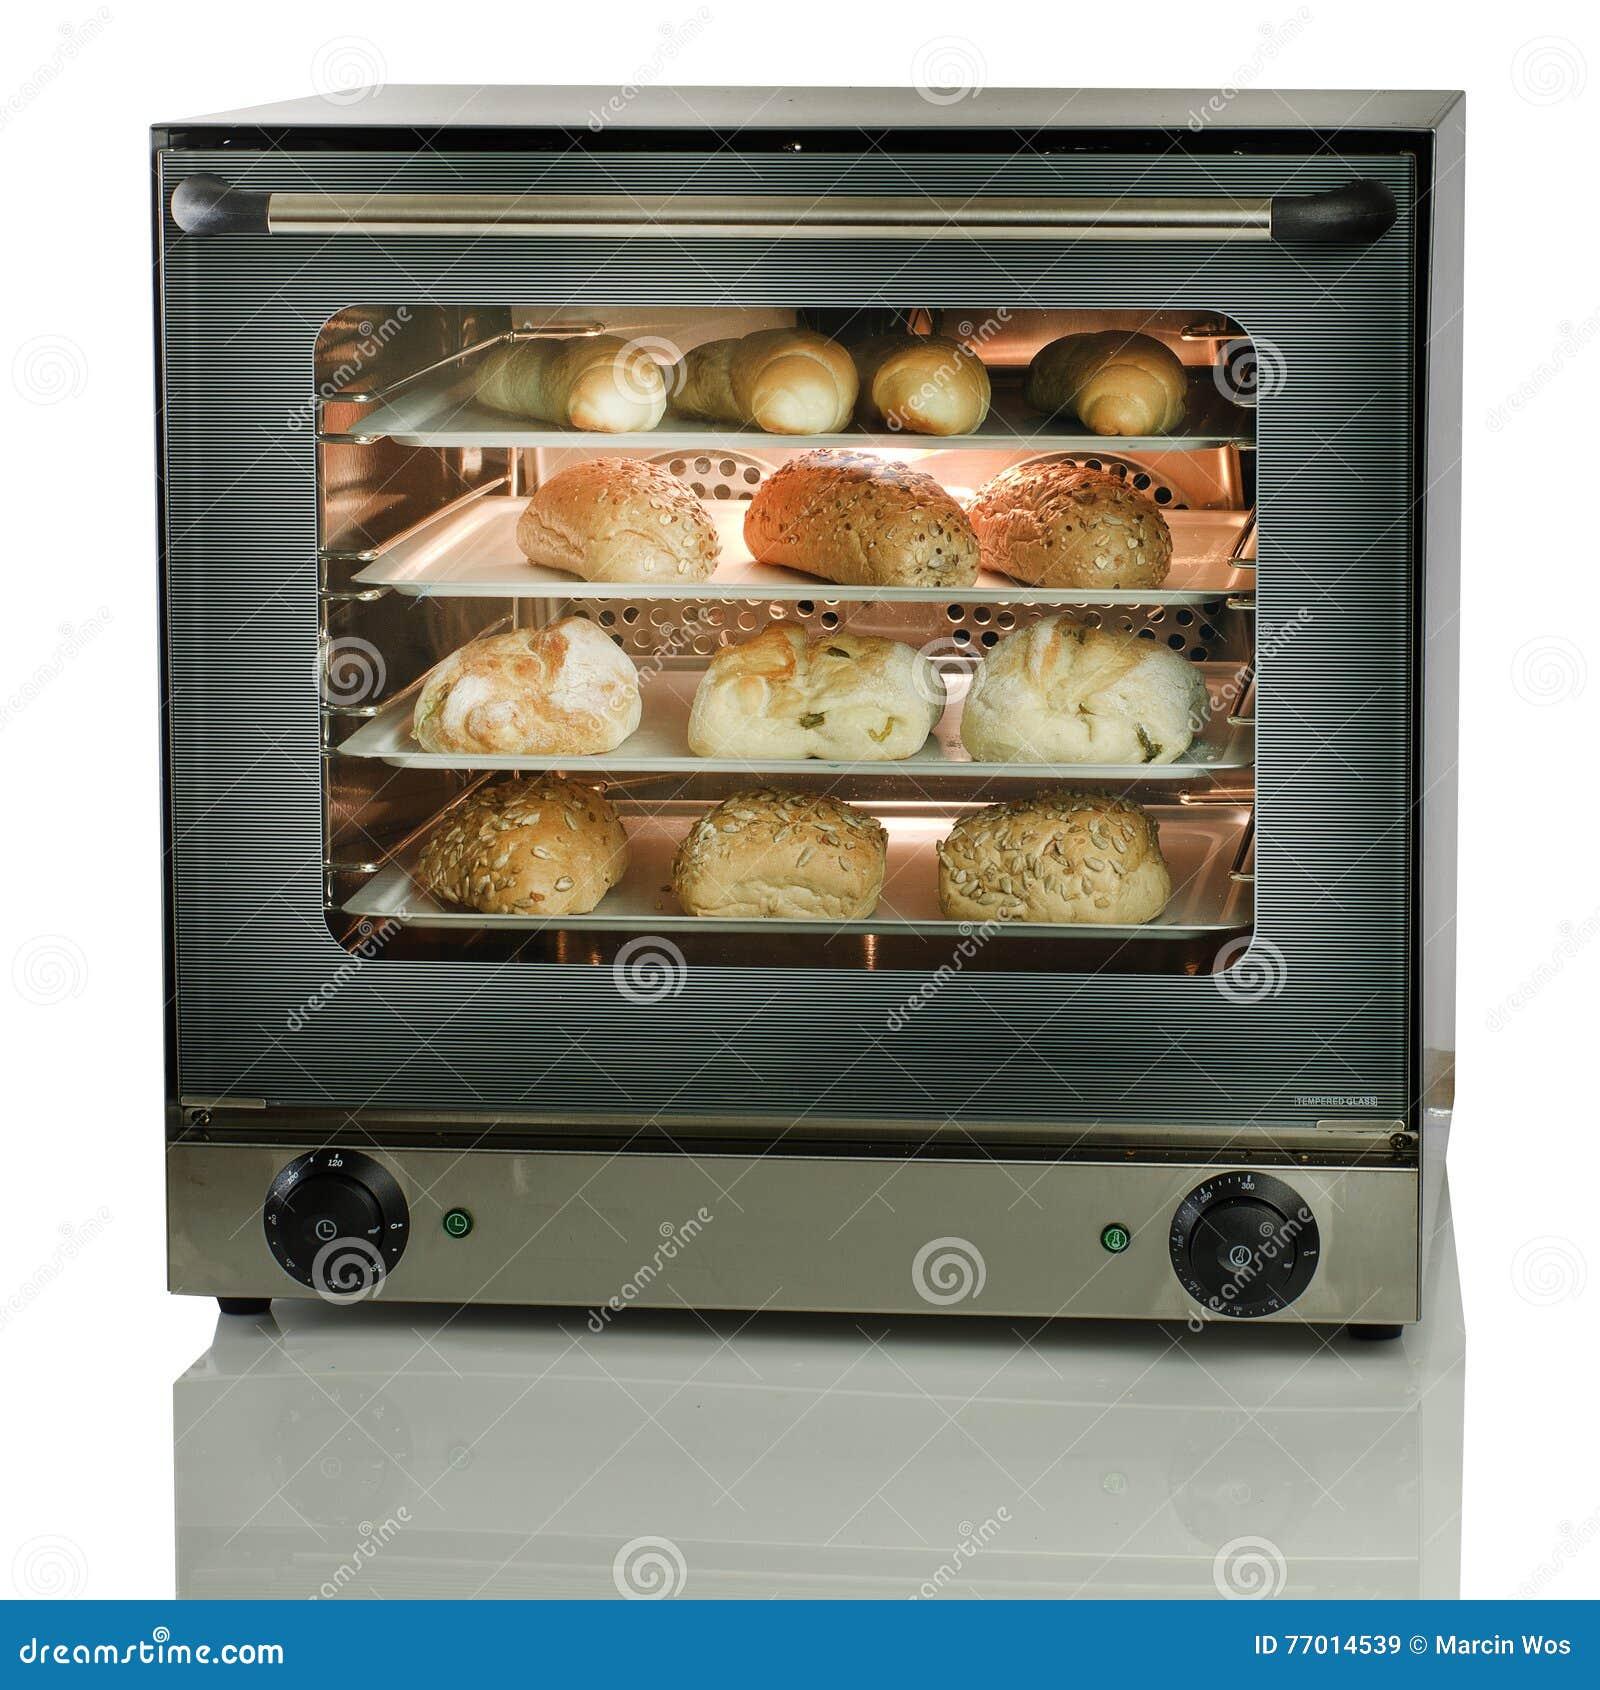 Shop& x27; il forno di s ha caricato con pane al forno fresco sulla parte posteriore di bianco